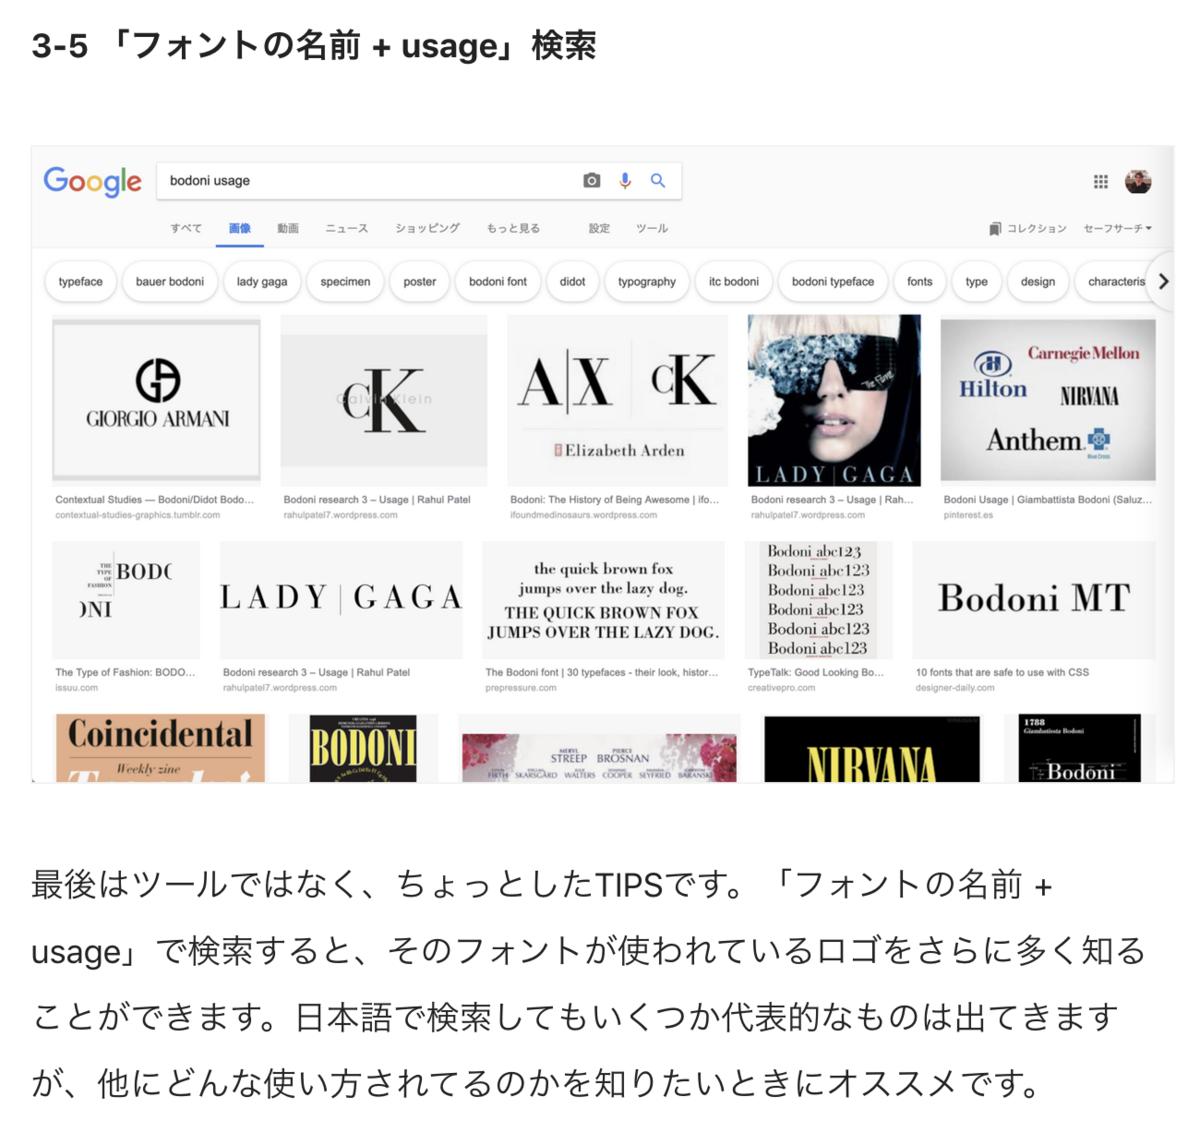 「フォントの名前 + usage」検索